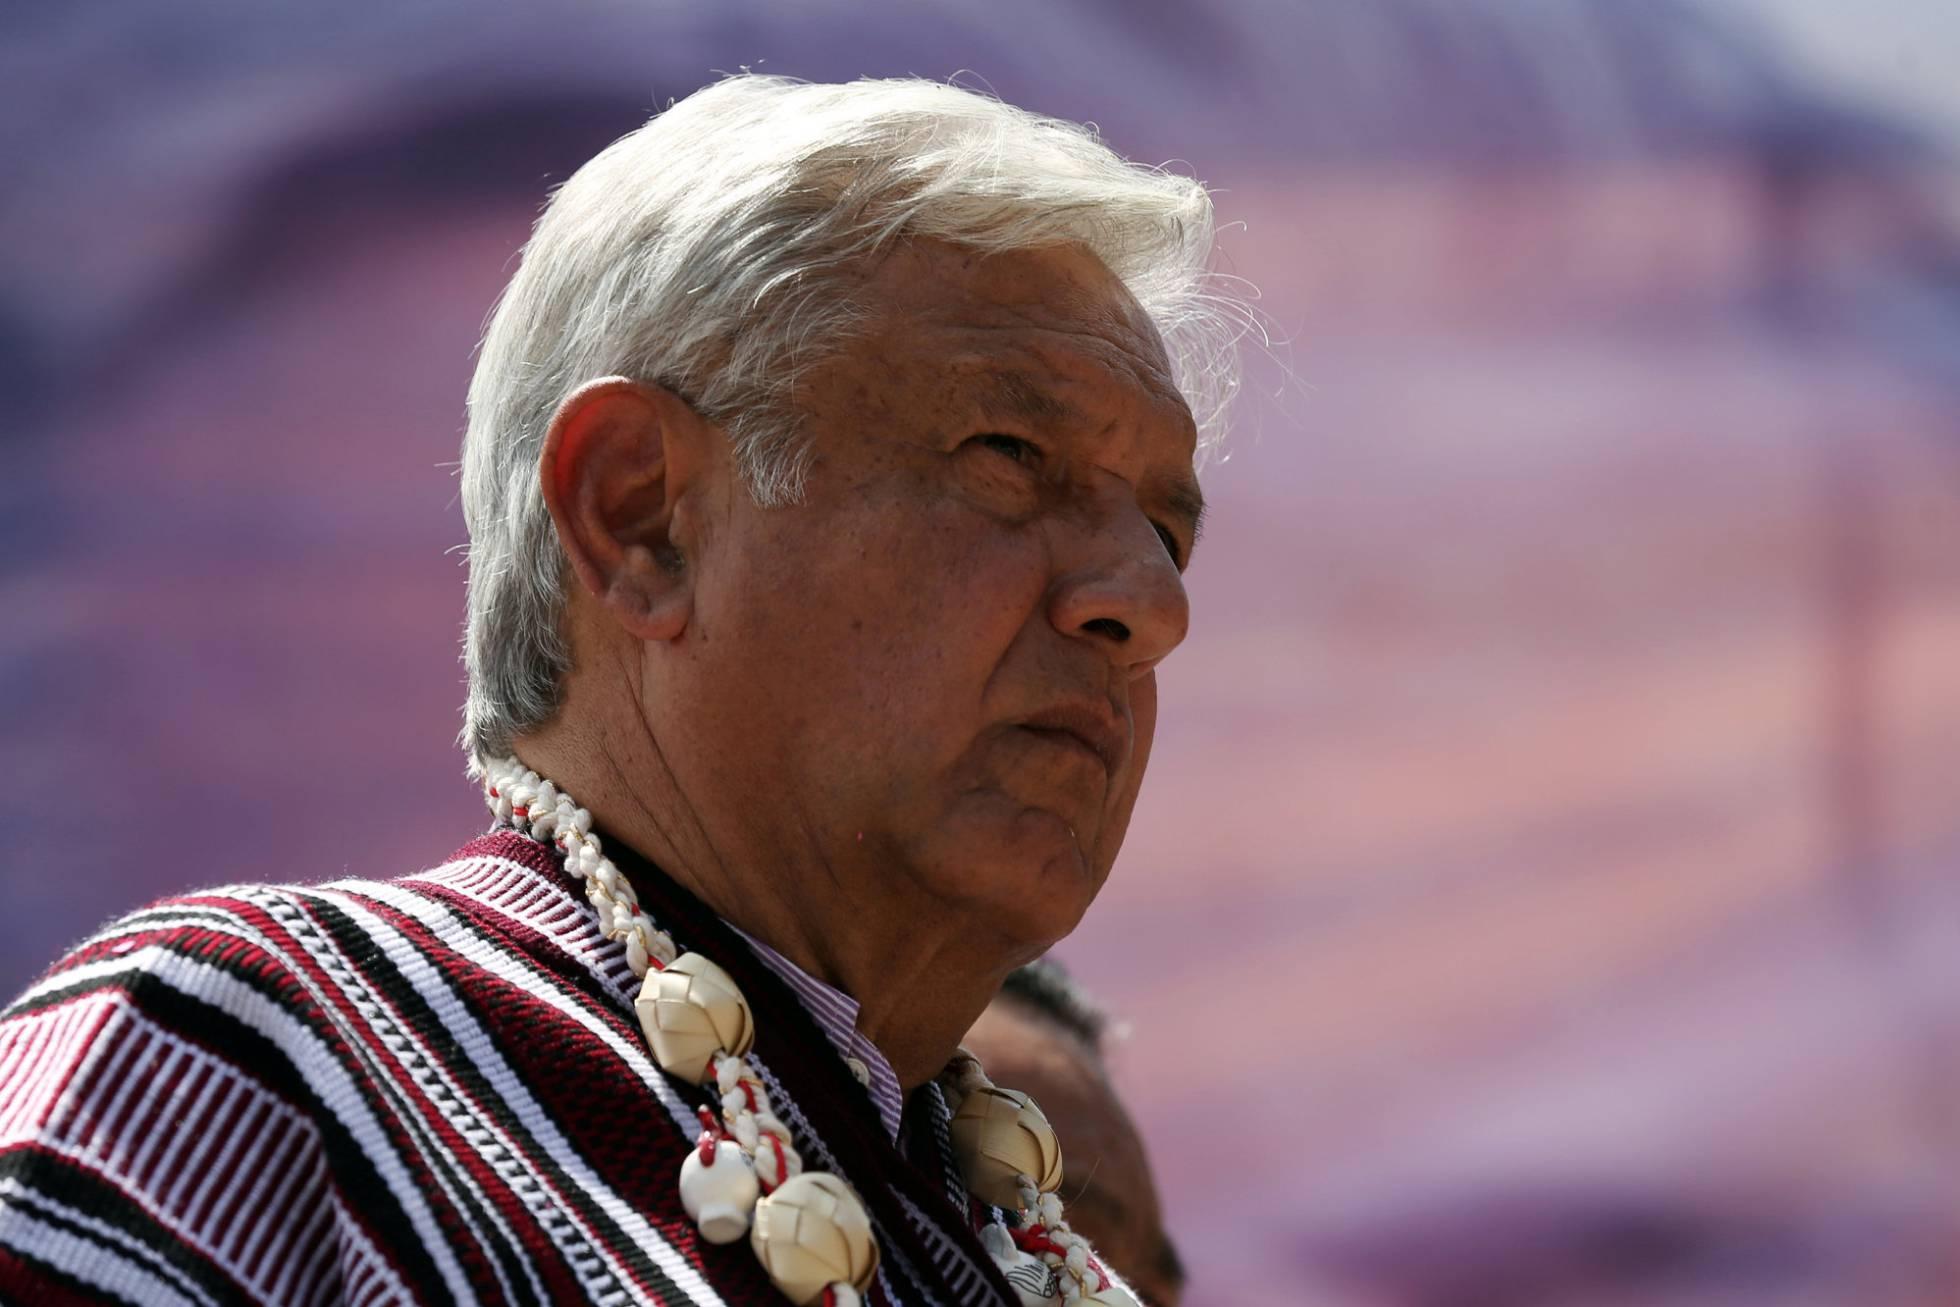 La guerra sucia arrecia en la recta final de la campaña presidencial mexicana